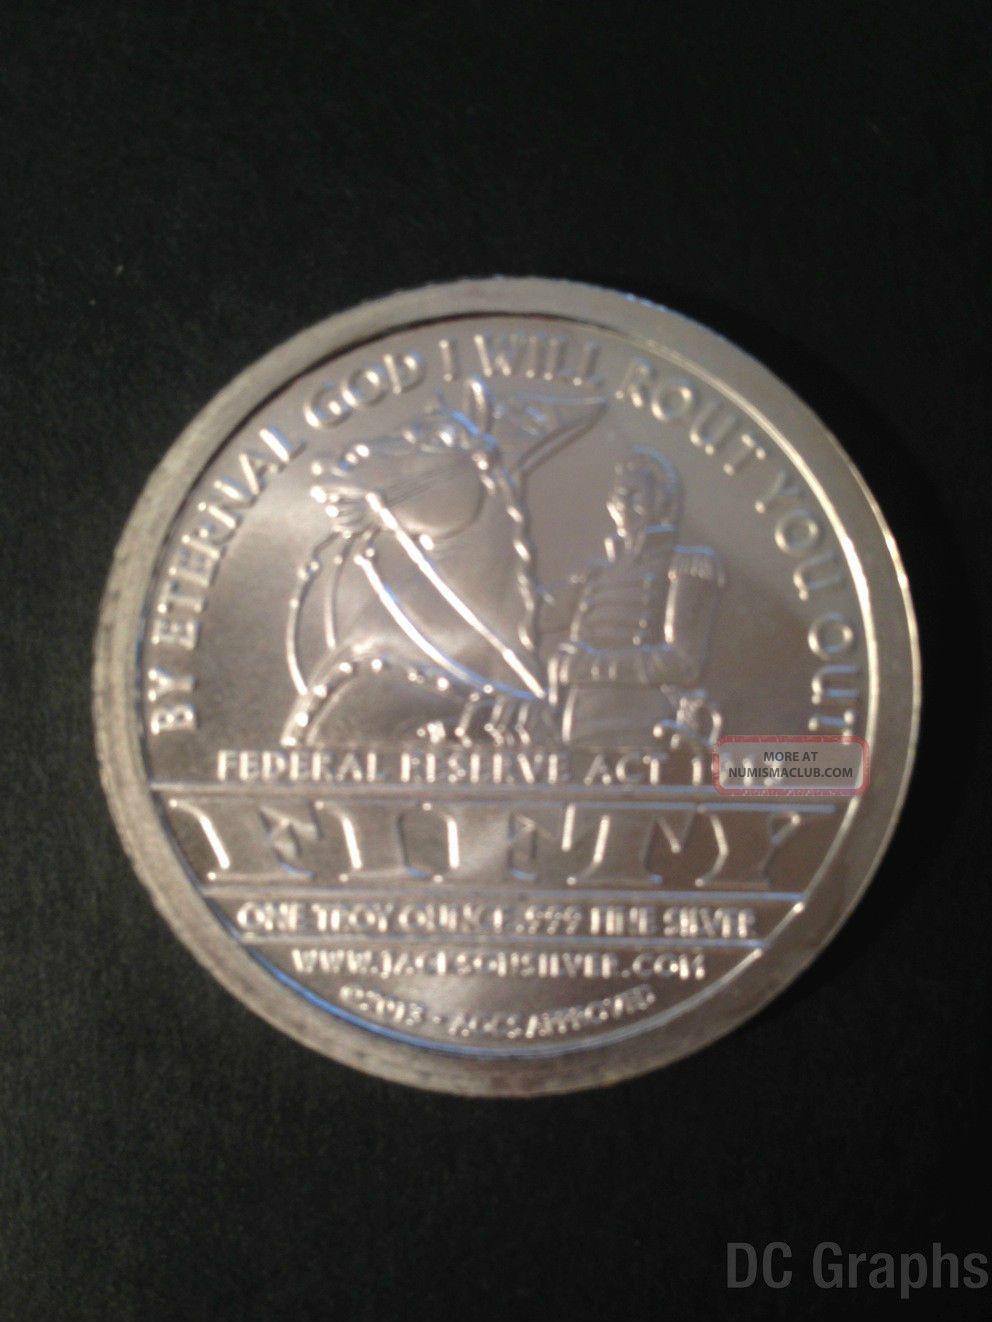 Andrew Jackson Aocs Silver Coin 1 Oz 999 Silver Bu